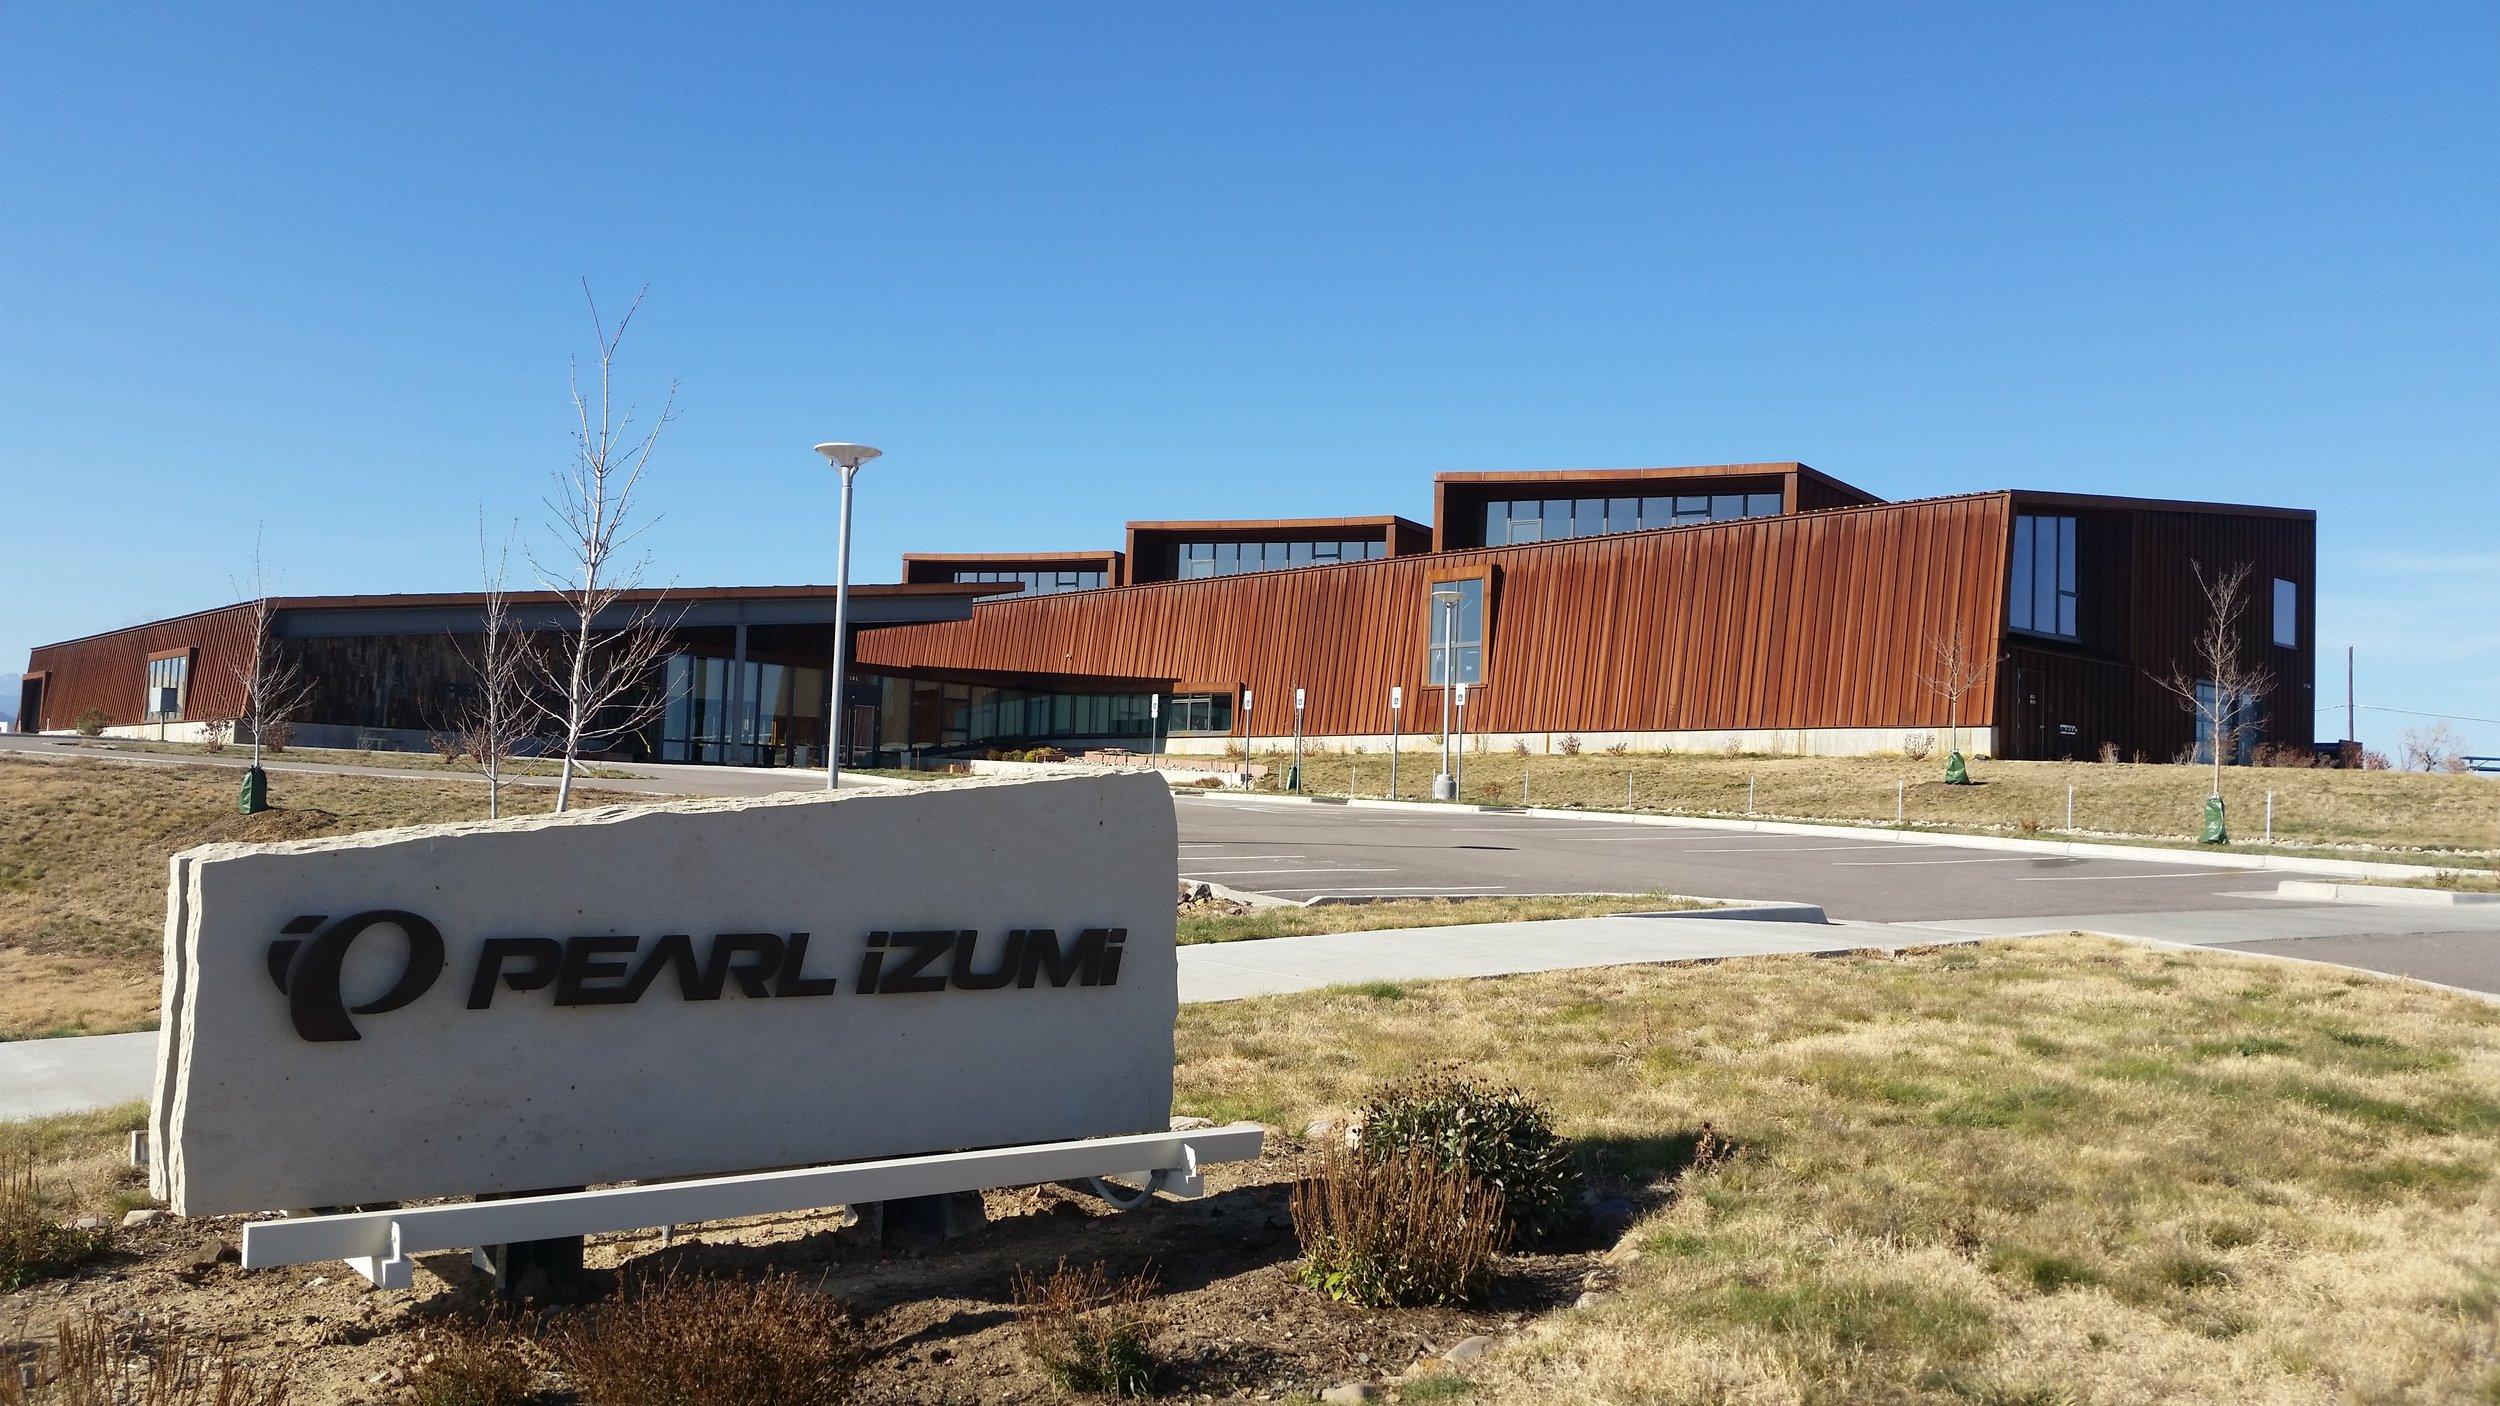 Pearl Izumi HQ.jpg